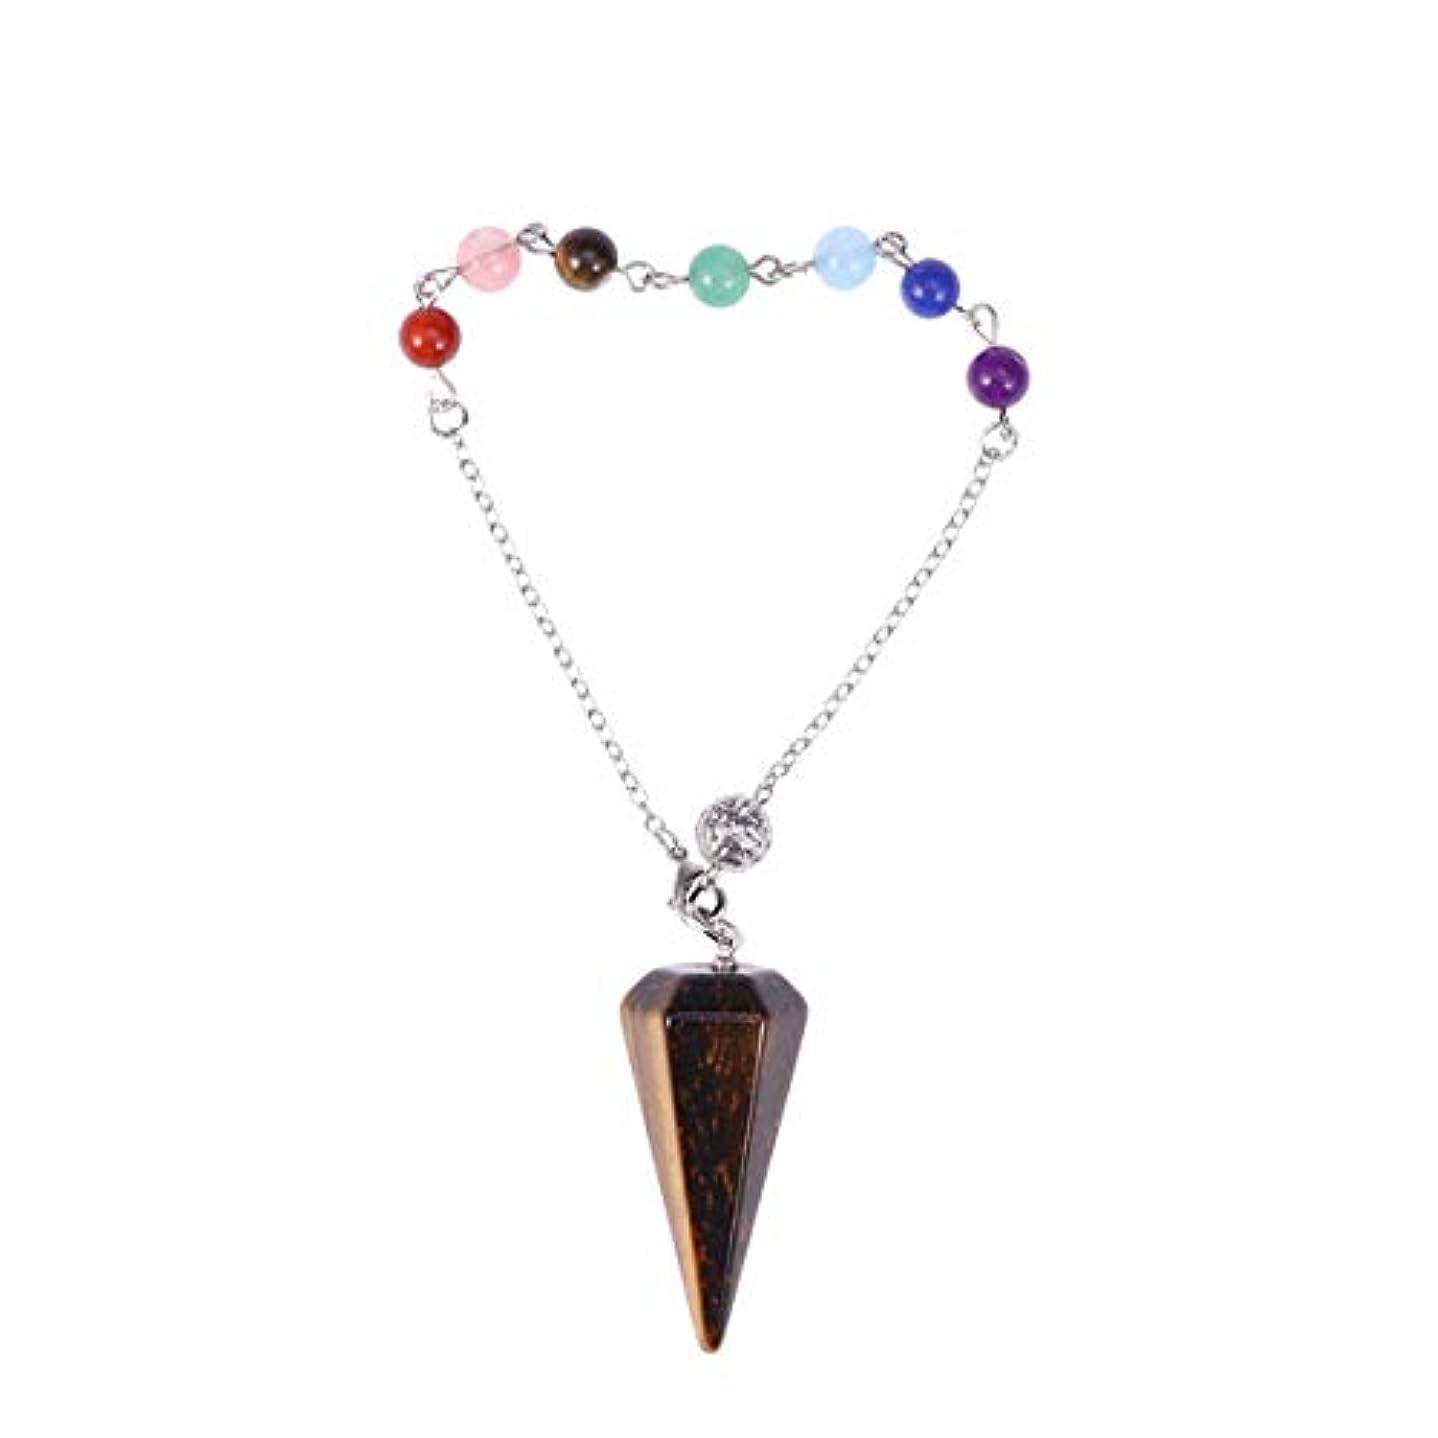 お願いしますアレイ北米Healifty クリスタル六角形のペンダントチャクラチェーンペンダント(タイガーアイ宝石)